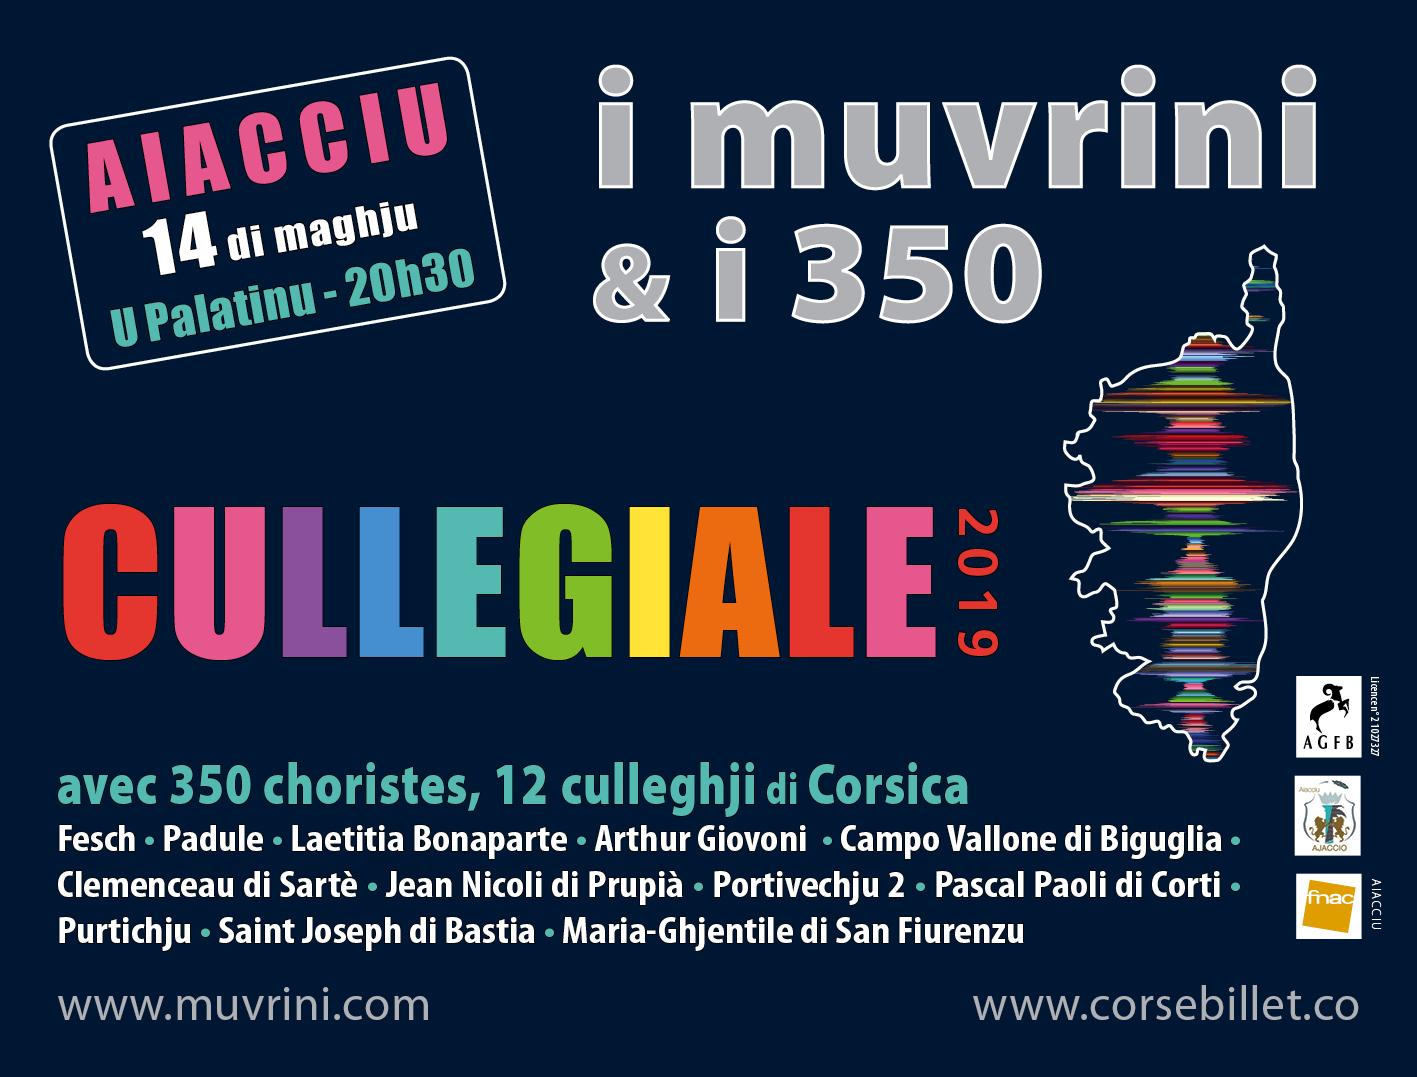 I Muvrini & I 350 Cullegiale mai 2019